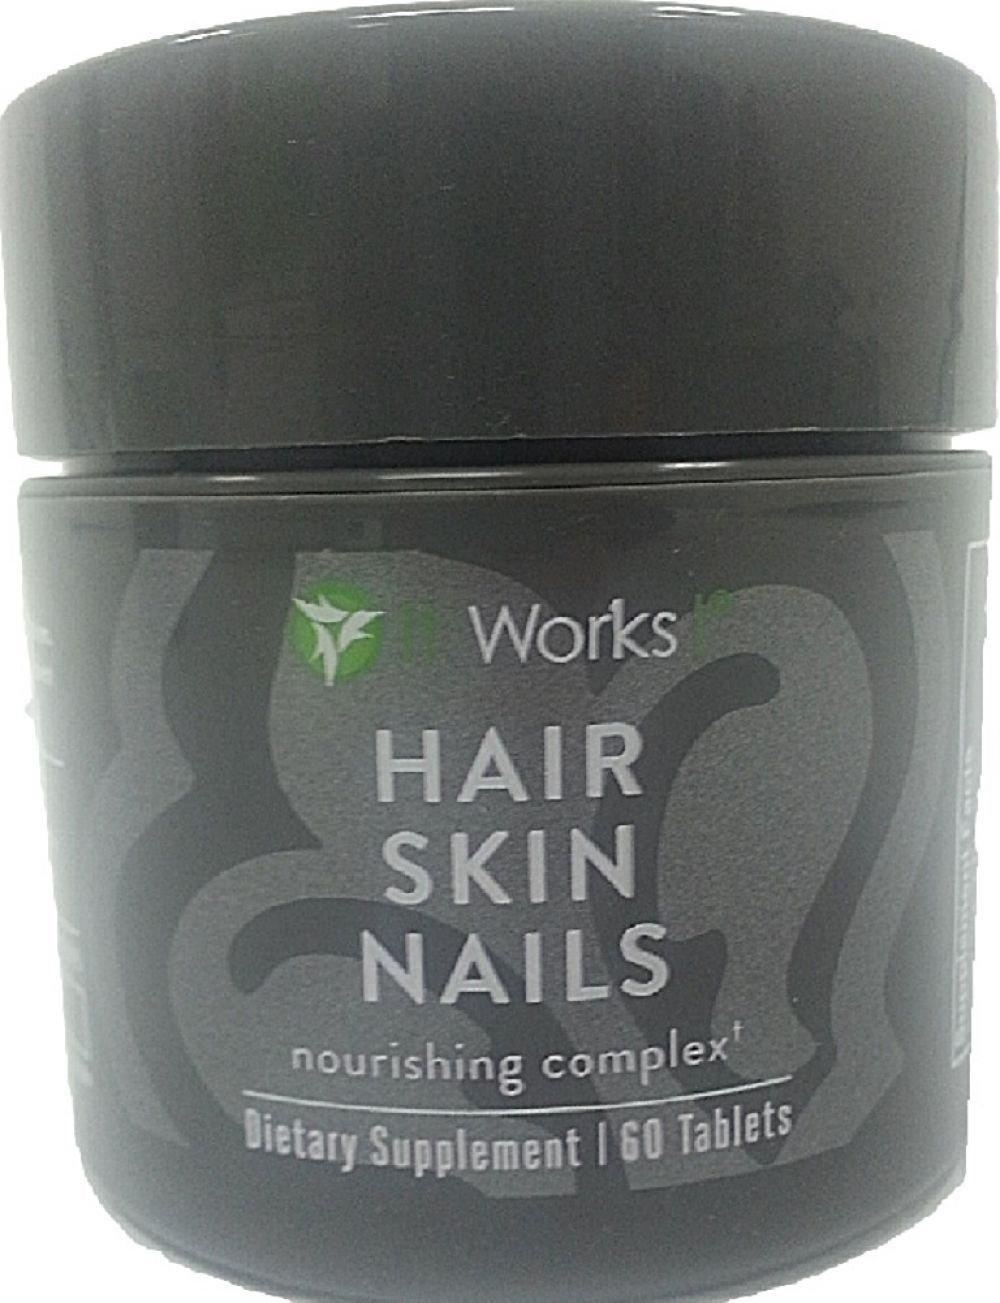 Pousse cheveux it works